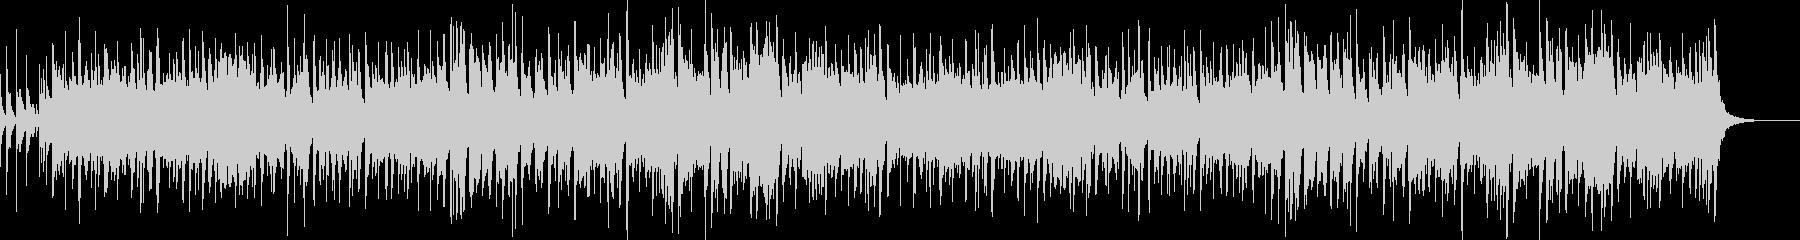 和風ノリが良い元気-バンド+尺八+三味線の未再生の波形